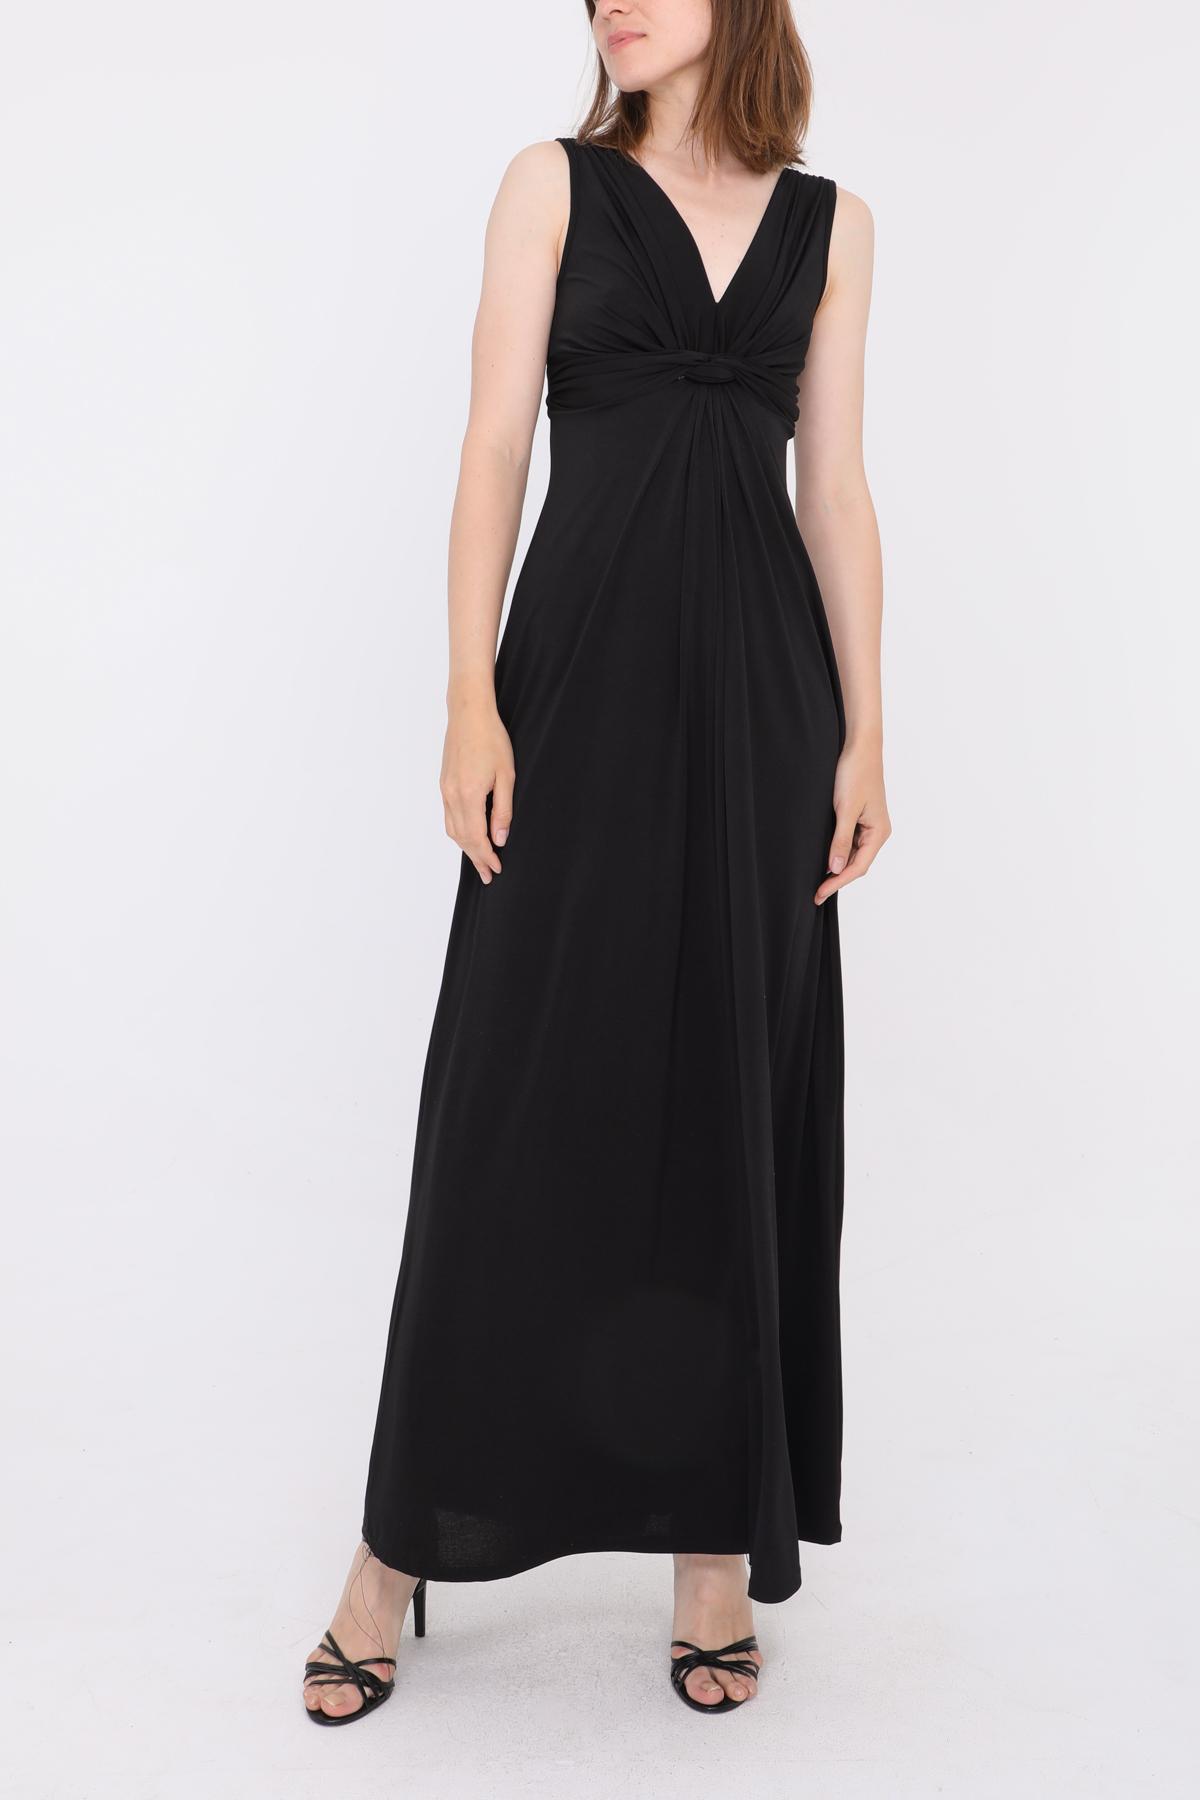 Robes longues Femme Noir REVD'ELLE 0209-SARA #c eFashion Paris